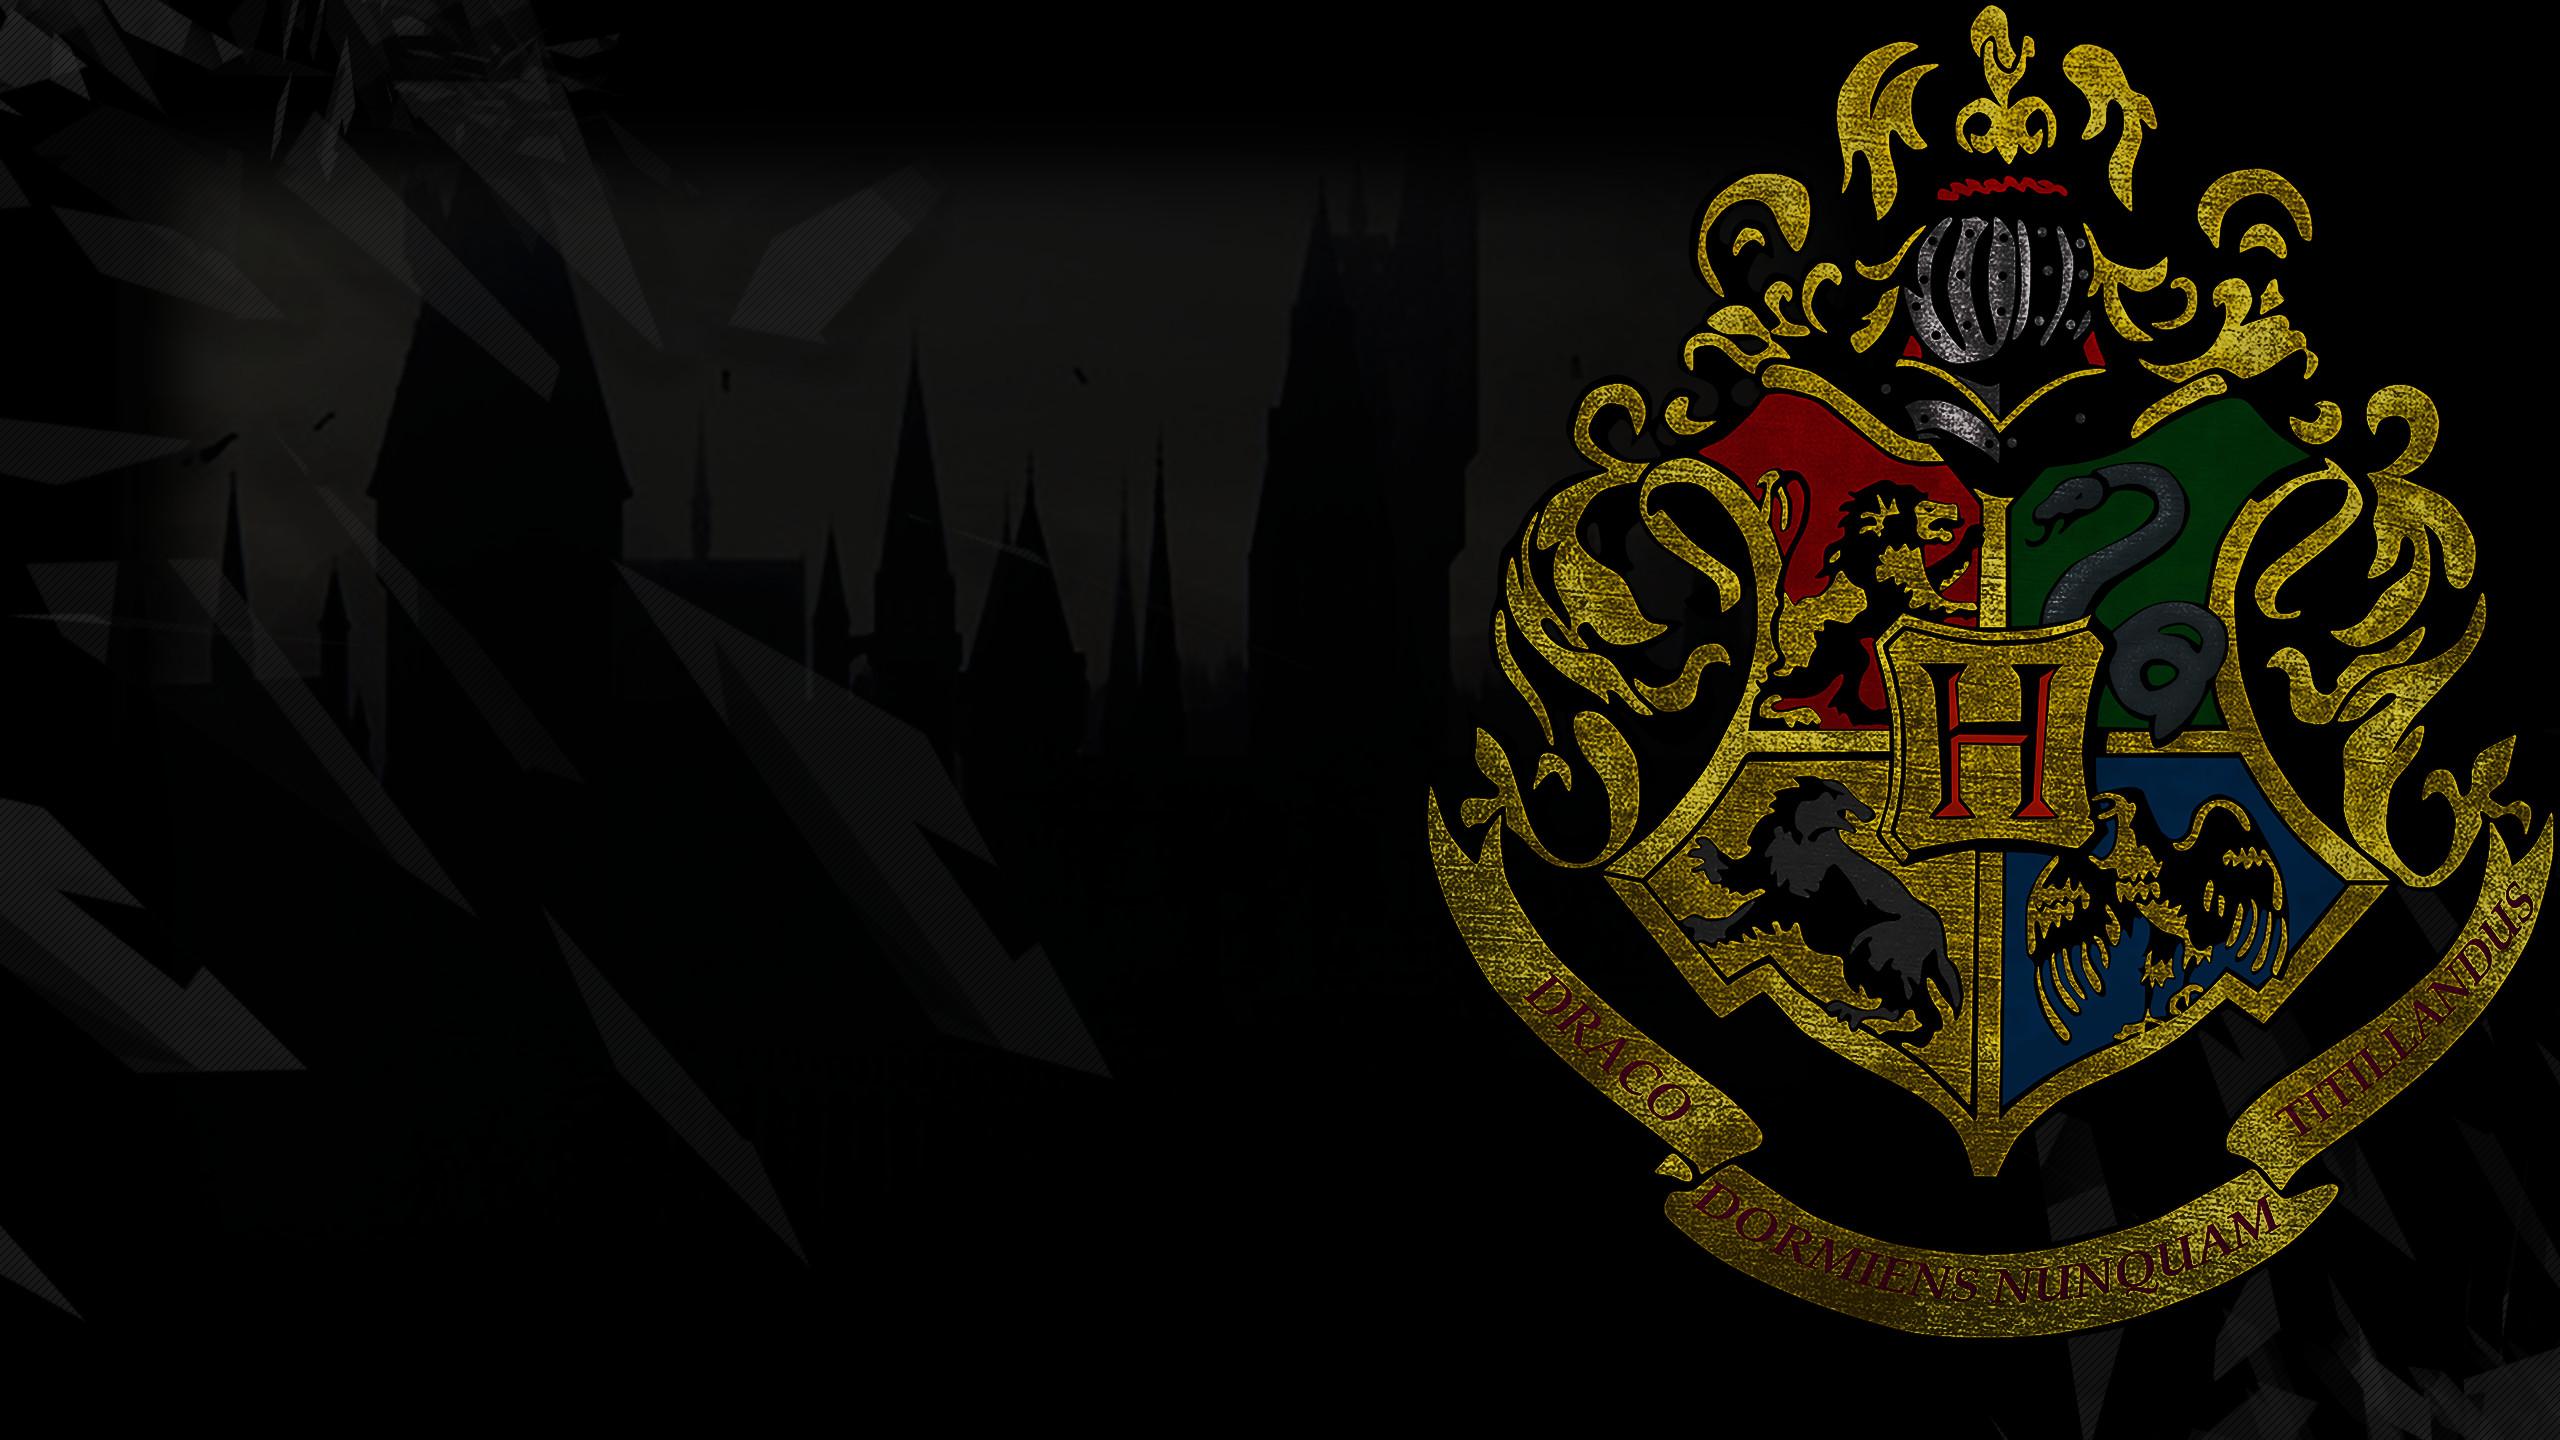 Dobby Quotes Wallpaper Die 63 Besten Harry Potter Wallpapers